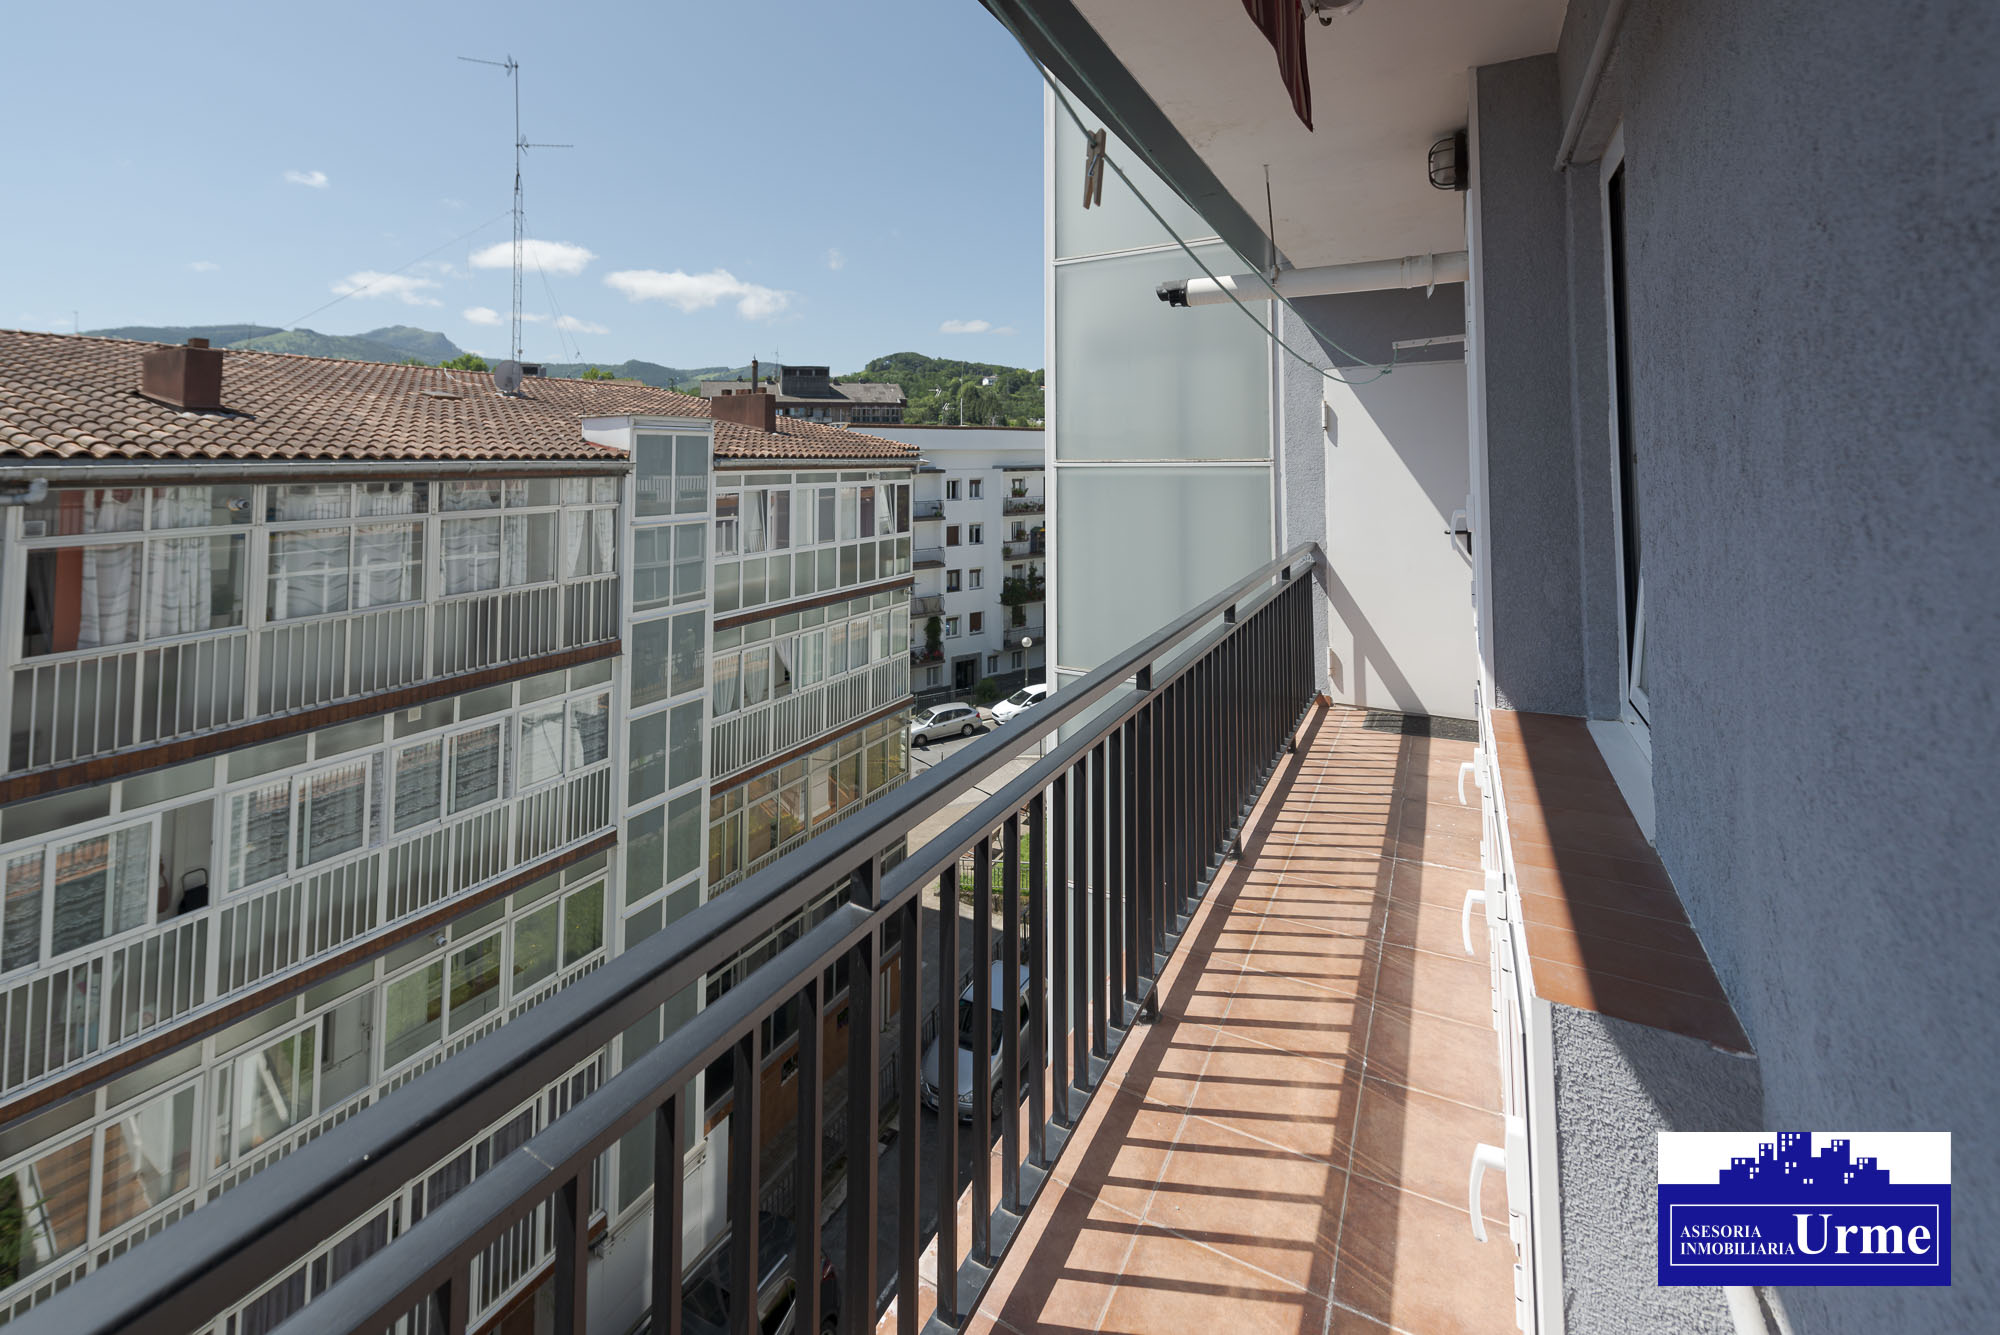 En Larreaundi, vivienda exterior, con balcones, trastero y garaje incluido en el precio.Reformadad hace 10 años.3 habitaciones, salon,cocina chula,baño a ras de suelo....Ven a visitarla!!